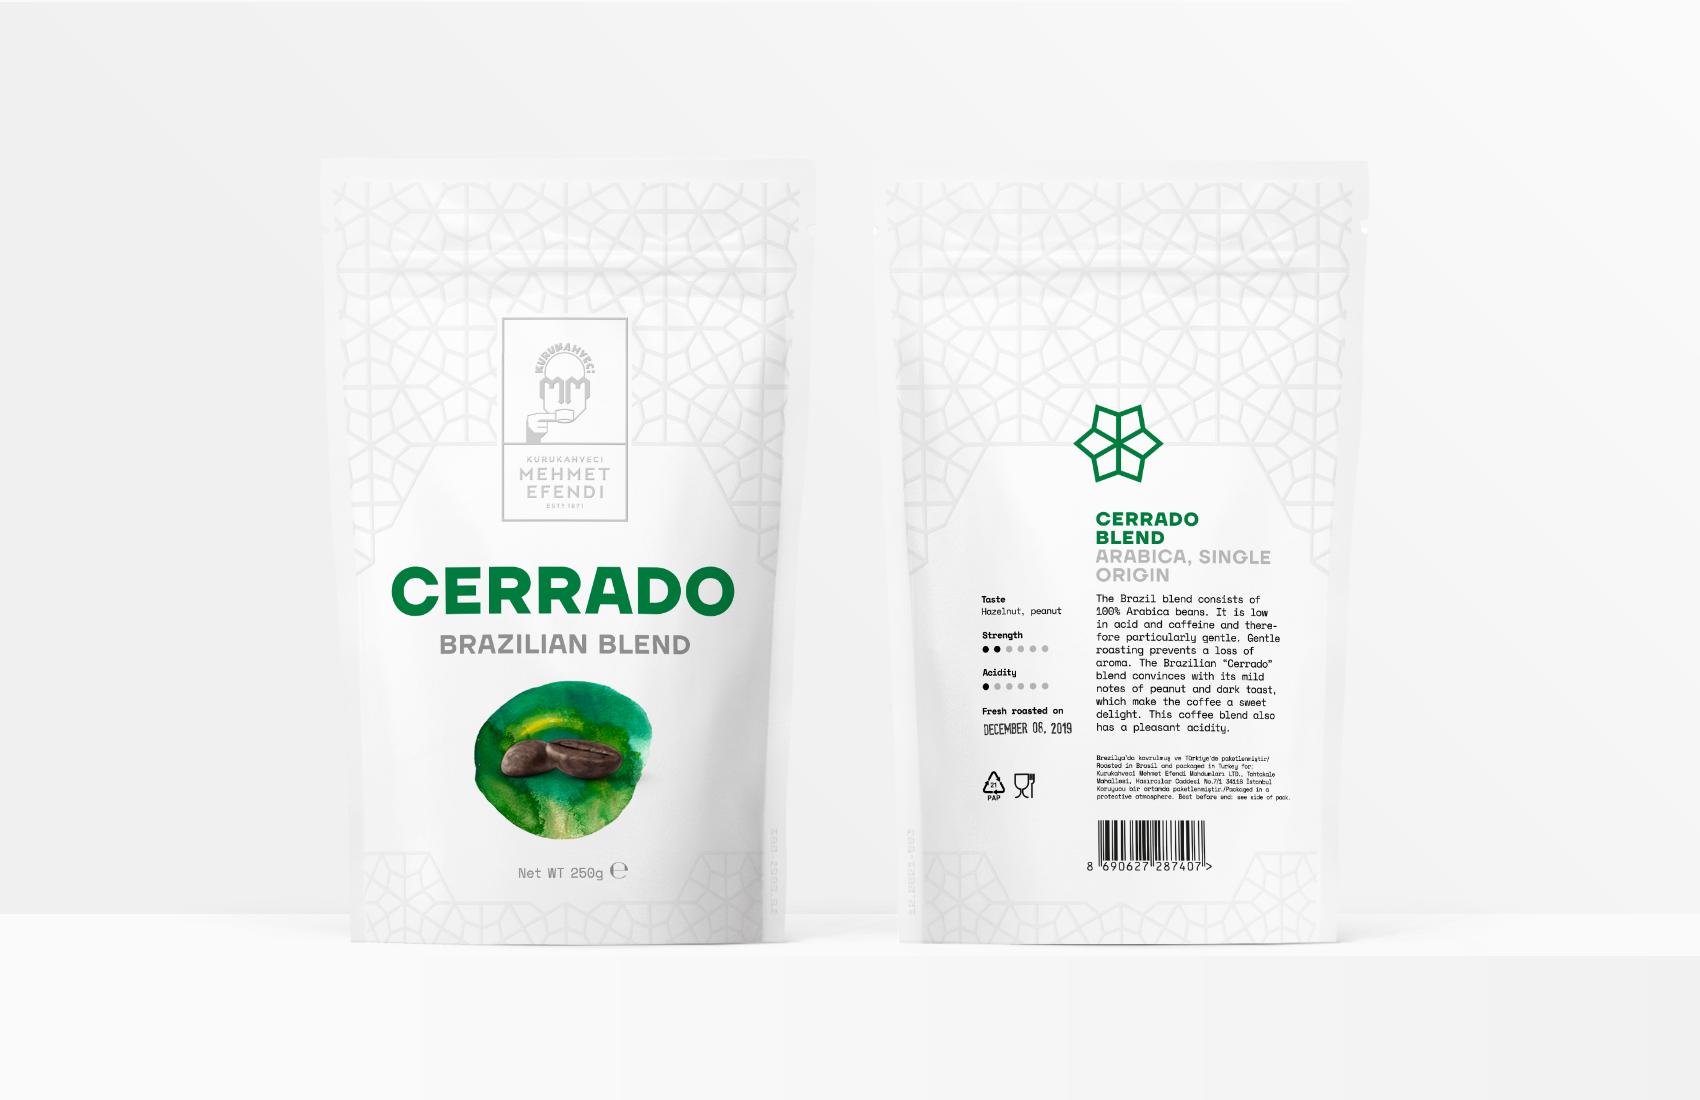 emretelli_kurukahvecimehmetefendi_filter-coffee_03_1700